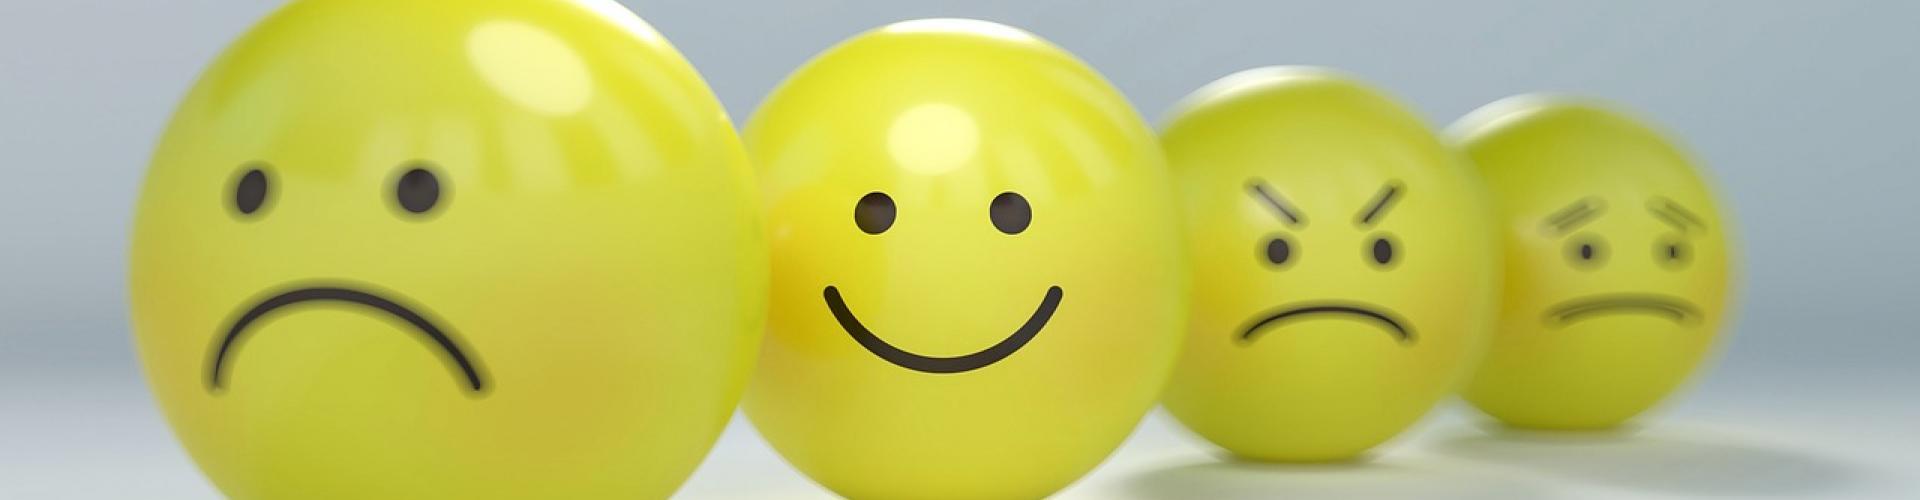 Öröm, Boldogság